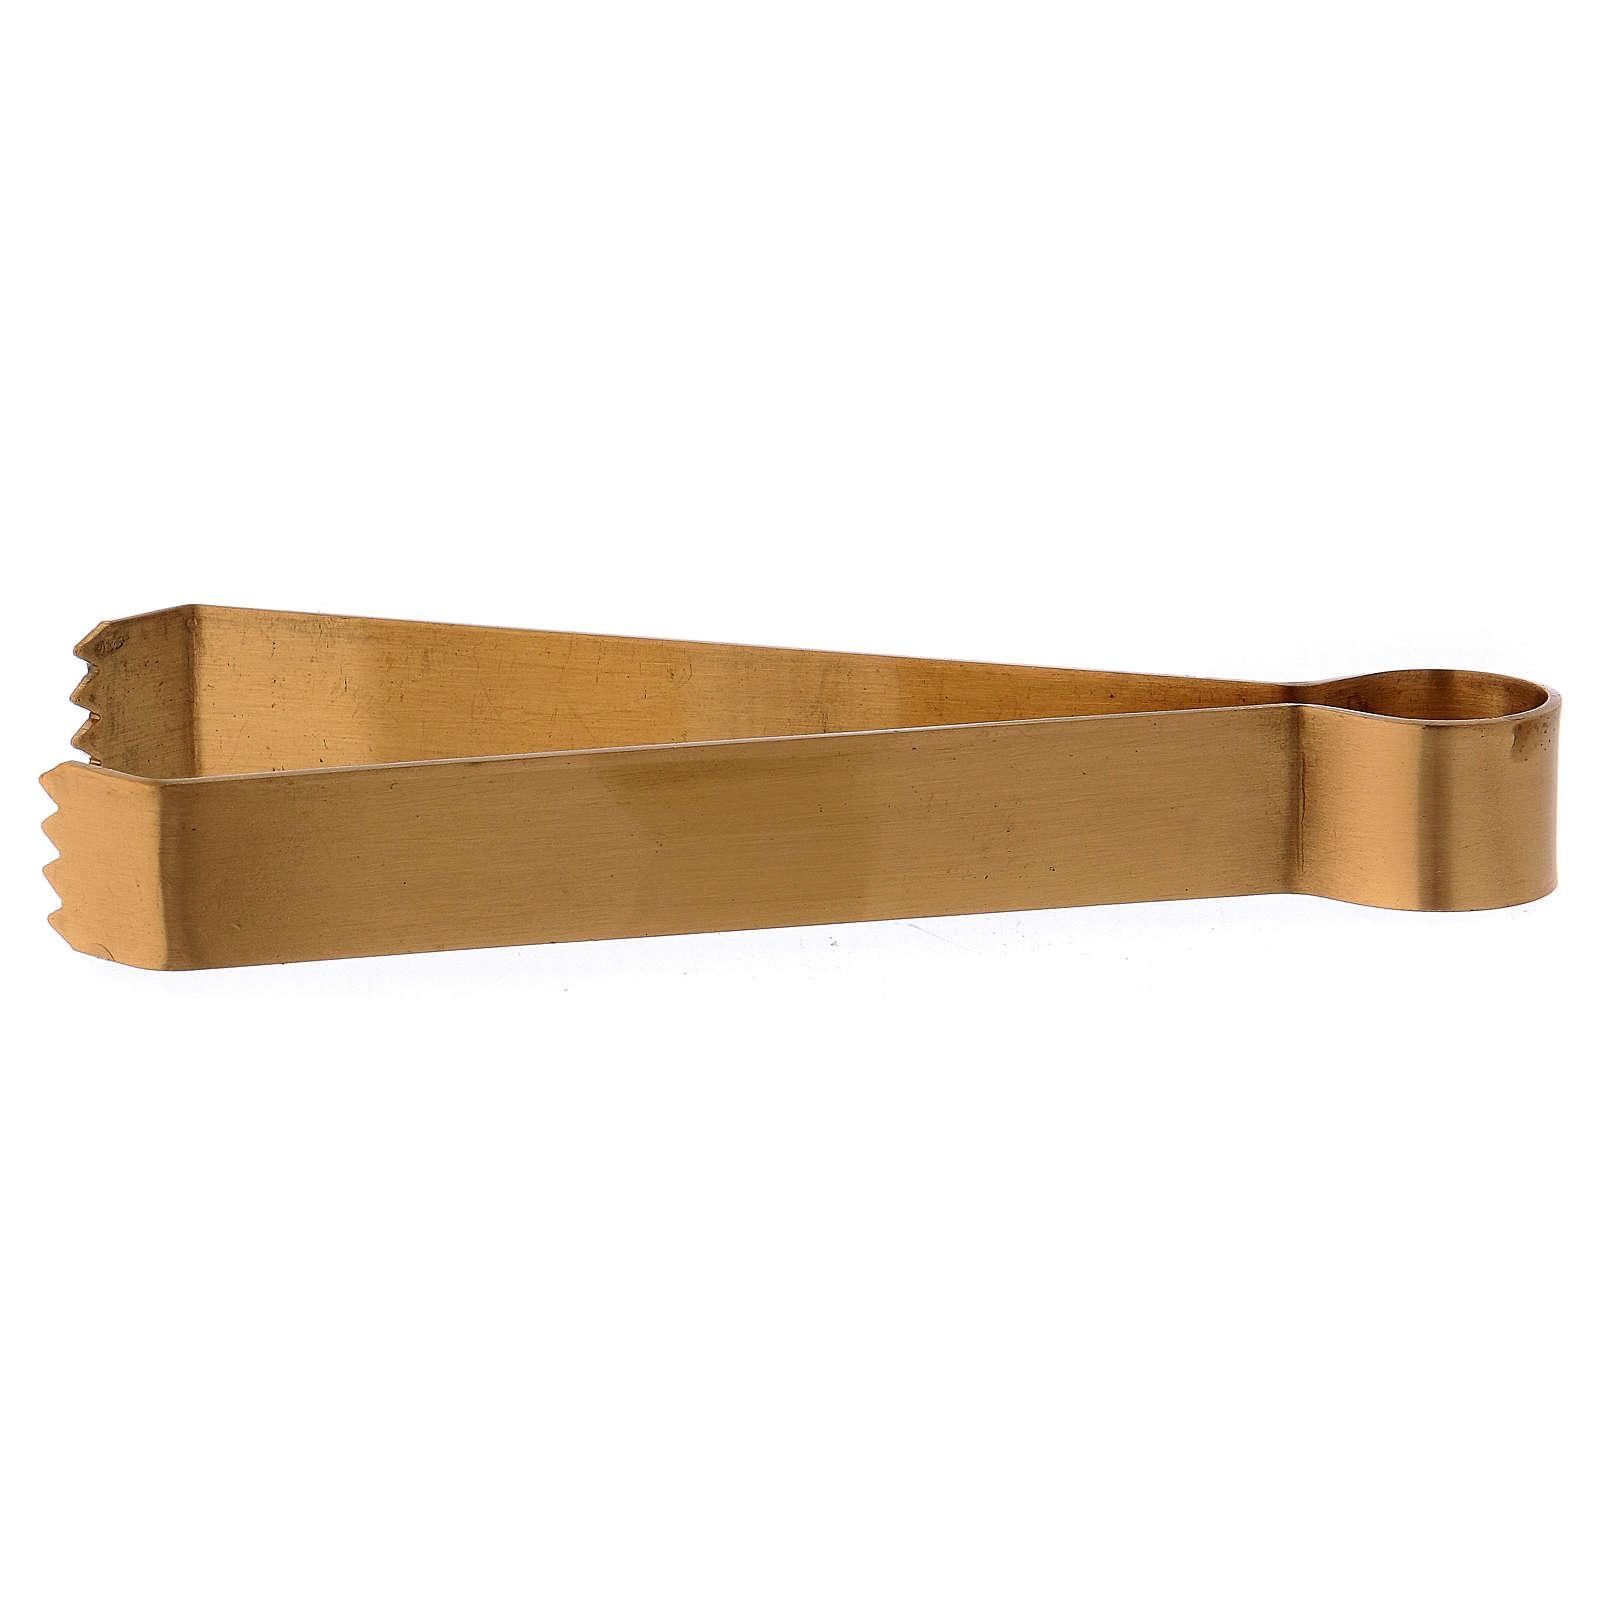 Pince pour charbons laiton doré mat 11,5 cm 3